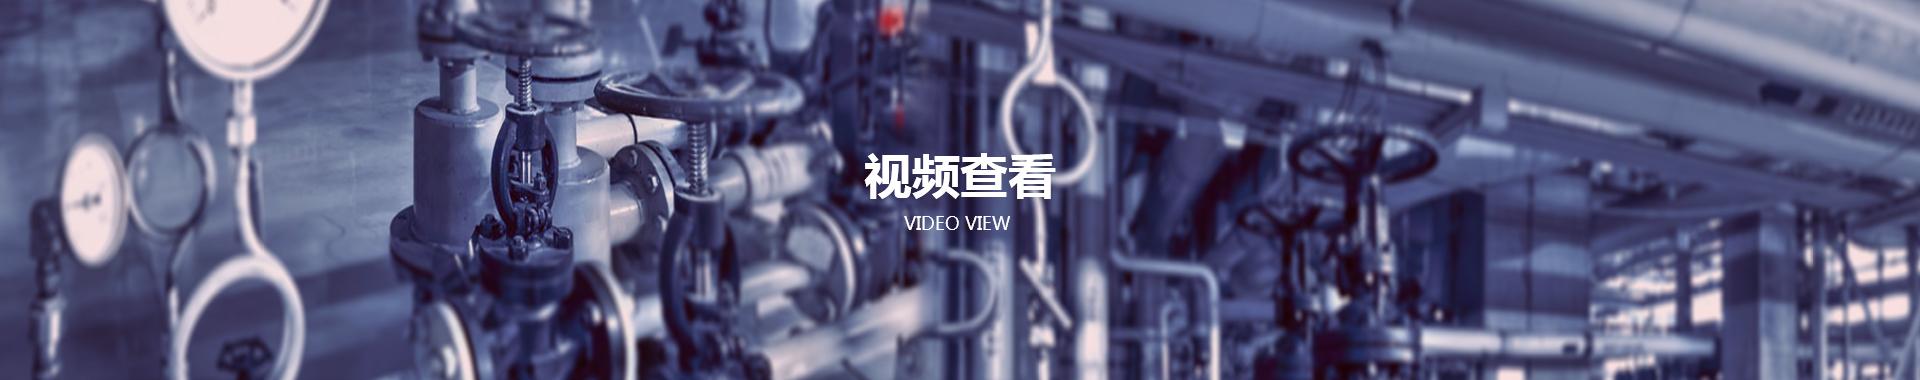 液体全自动灌装机视频,灌装机生产视频介绍